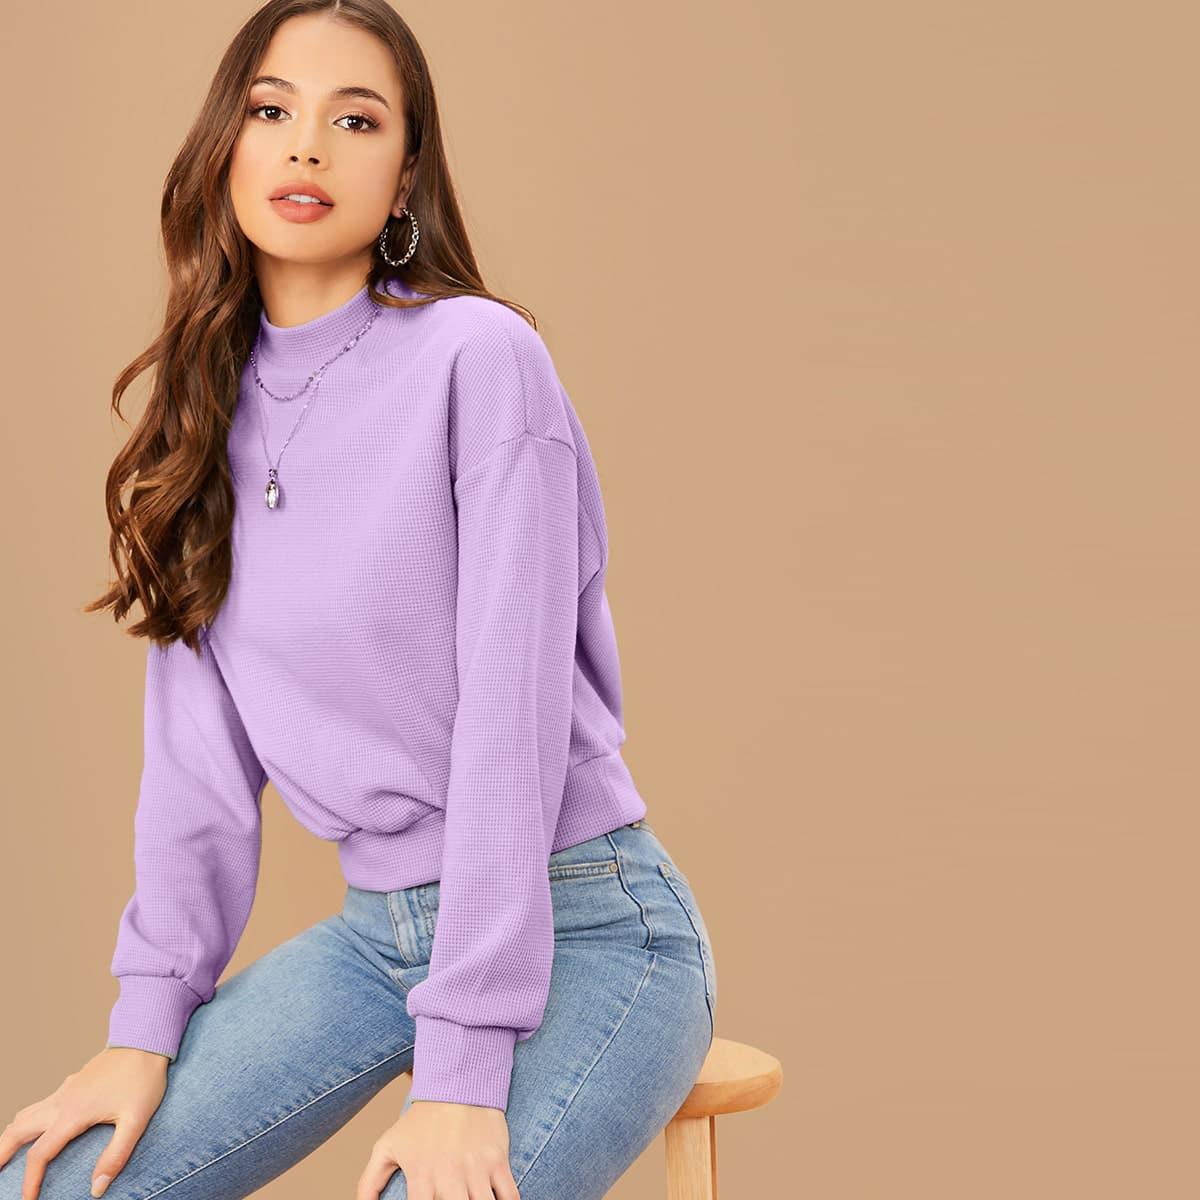 Трикотажный пуловер с воротником-стойкой фото